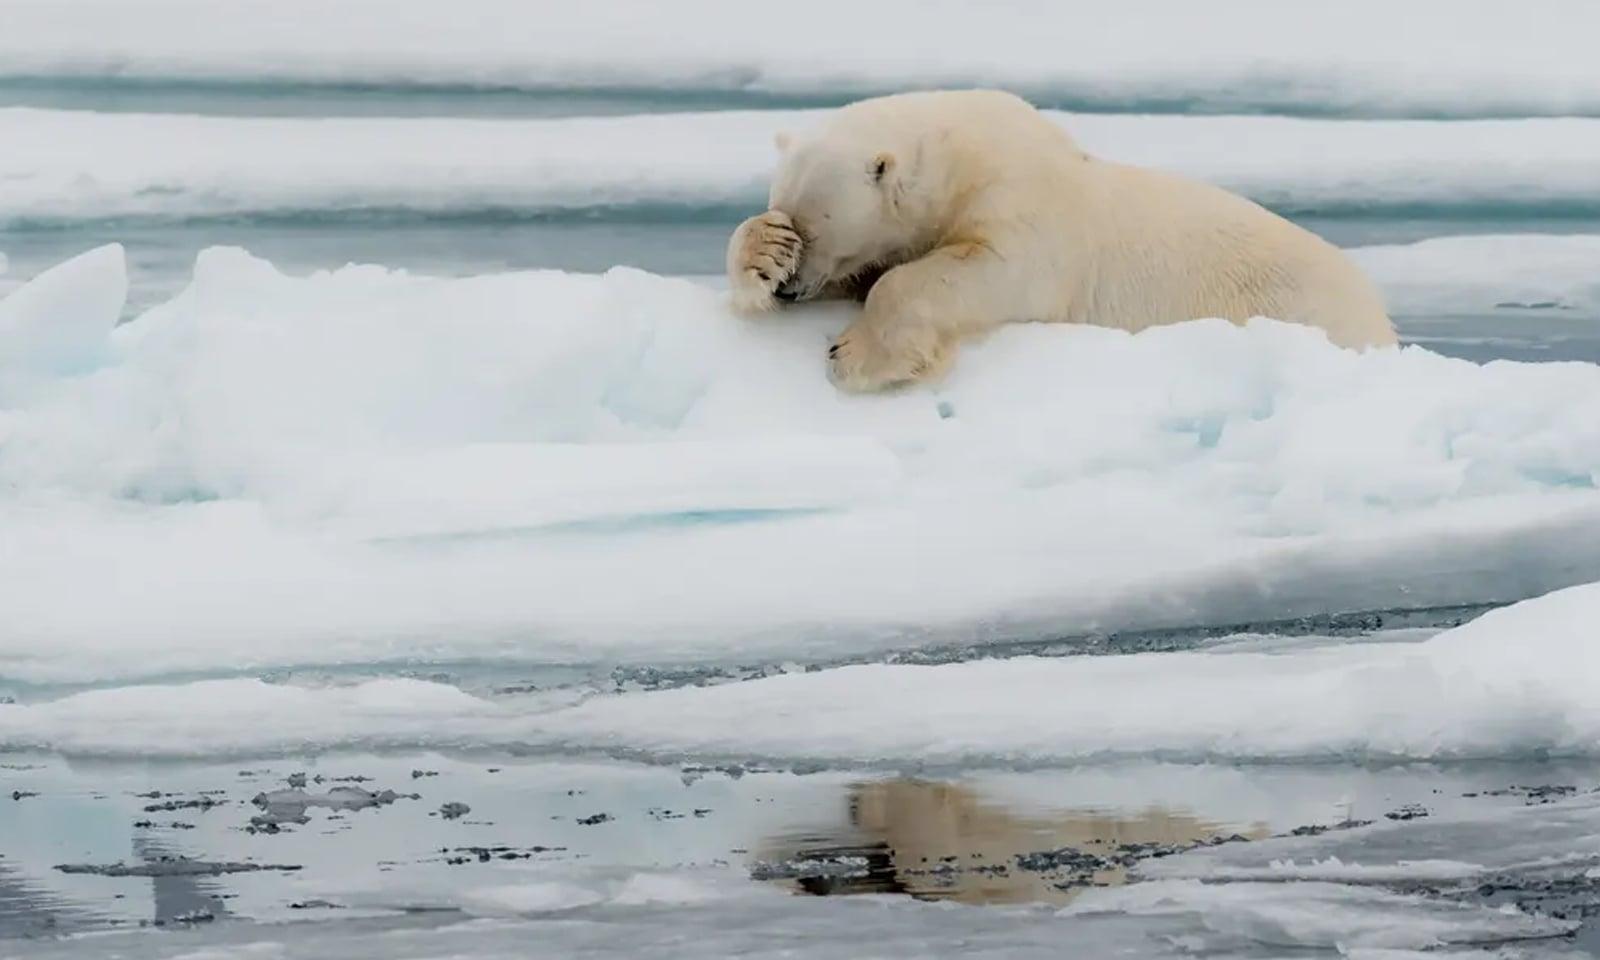 ناروے میں ایک اداس برفانی ریچھ—فوٹو: جیکویس پولارڈ /کامیڈی وائلڈ لائف فوٹوگرافی